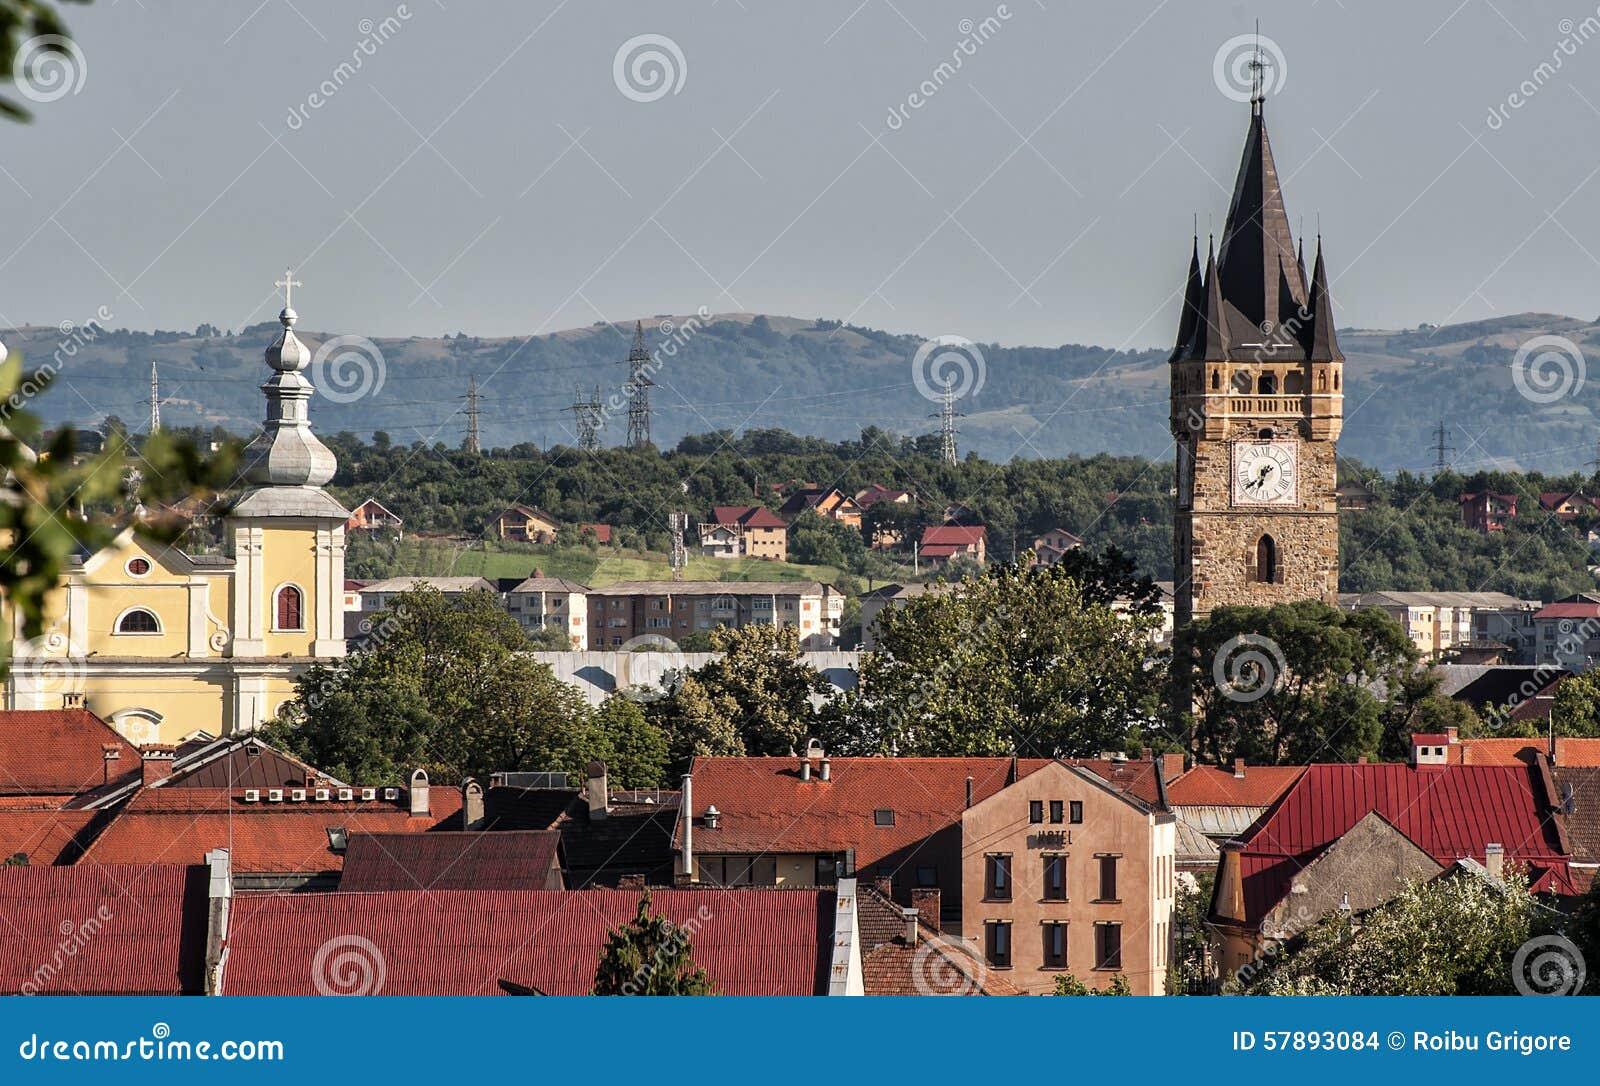 Baia Mare - Wikipedia  |Baia Mare